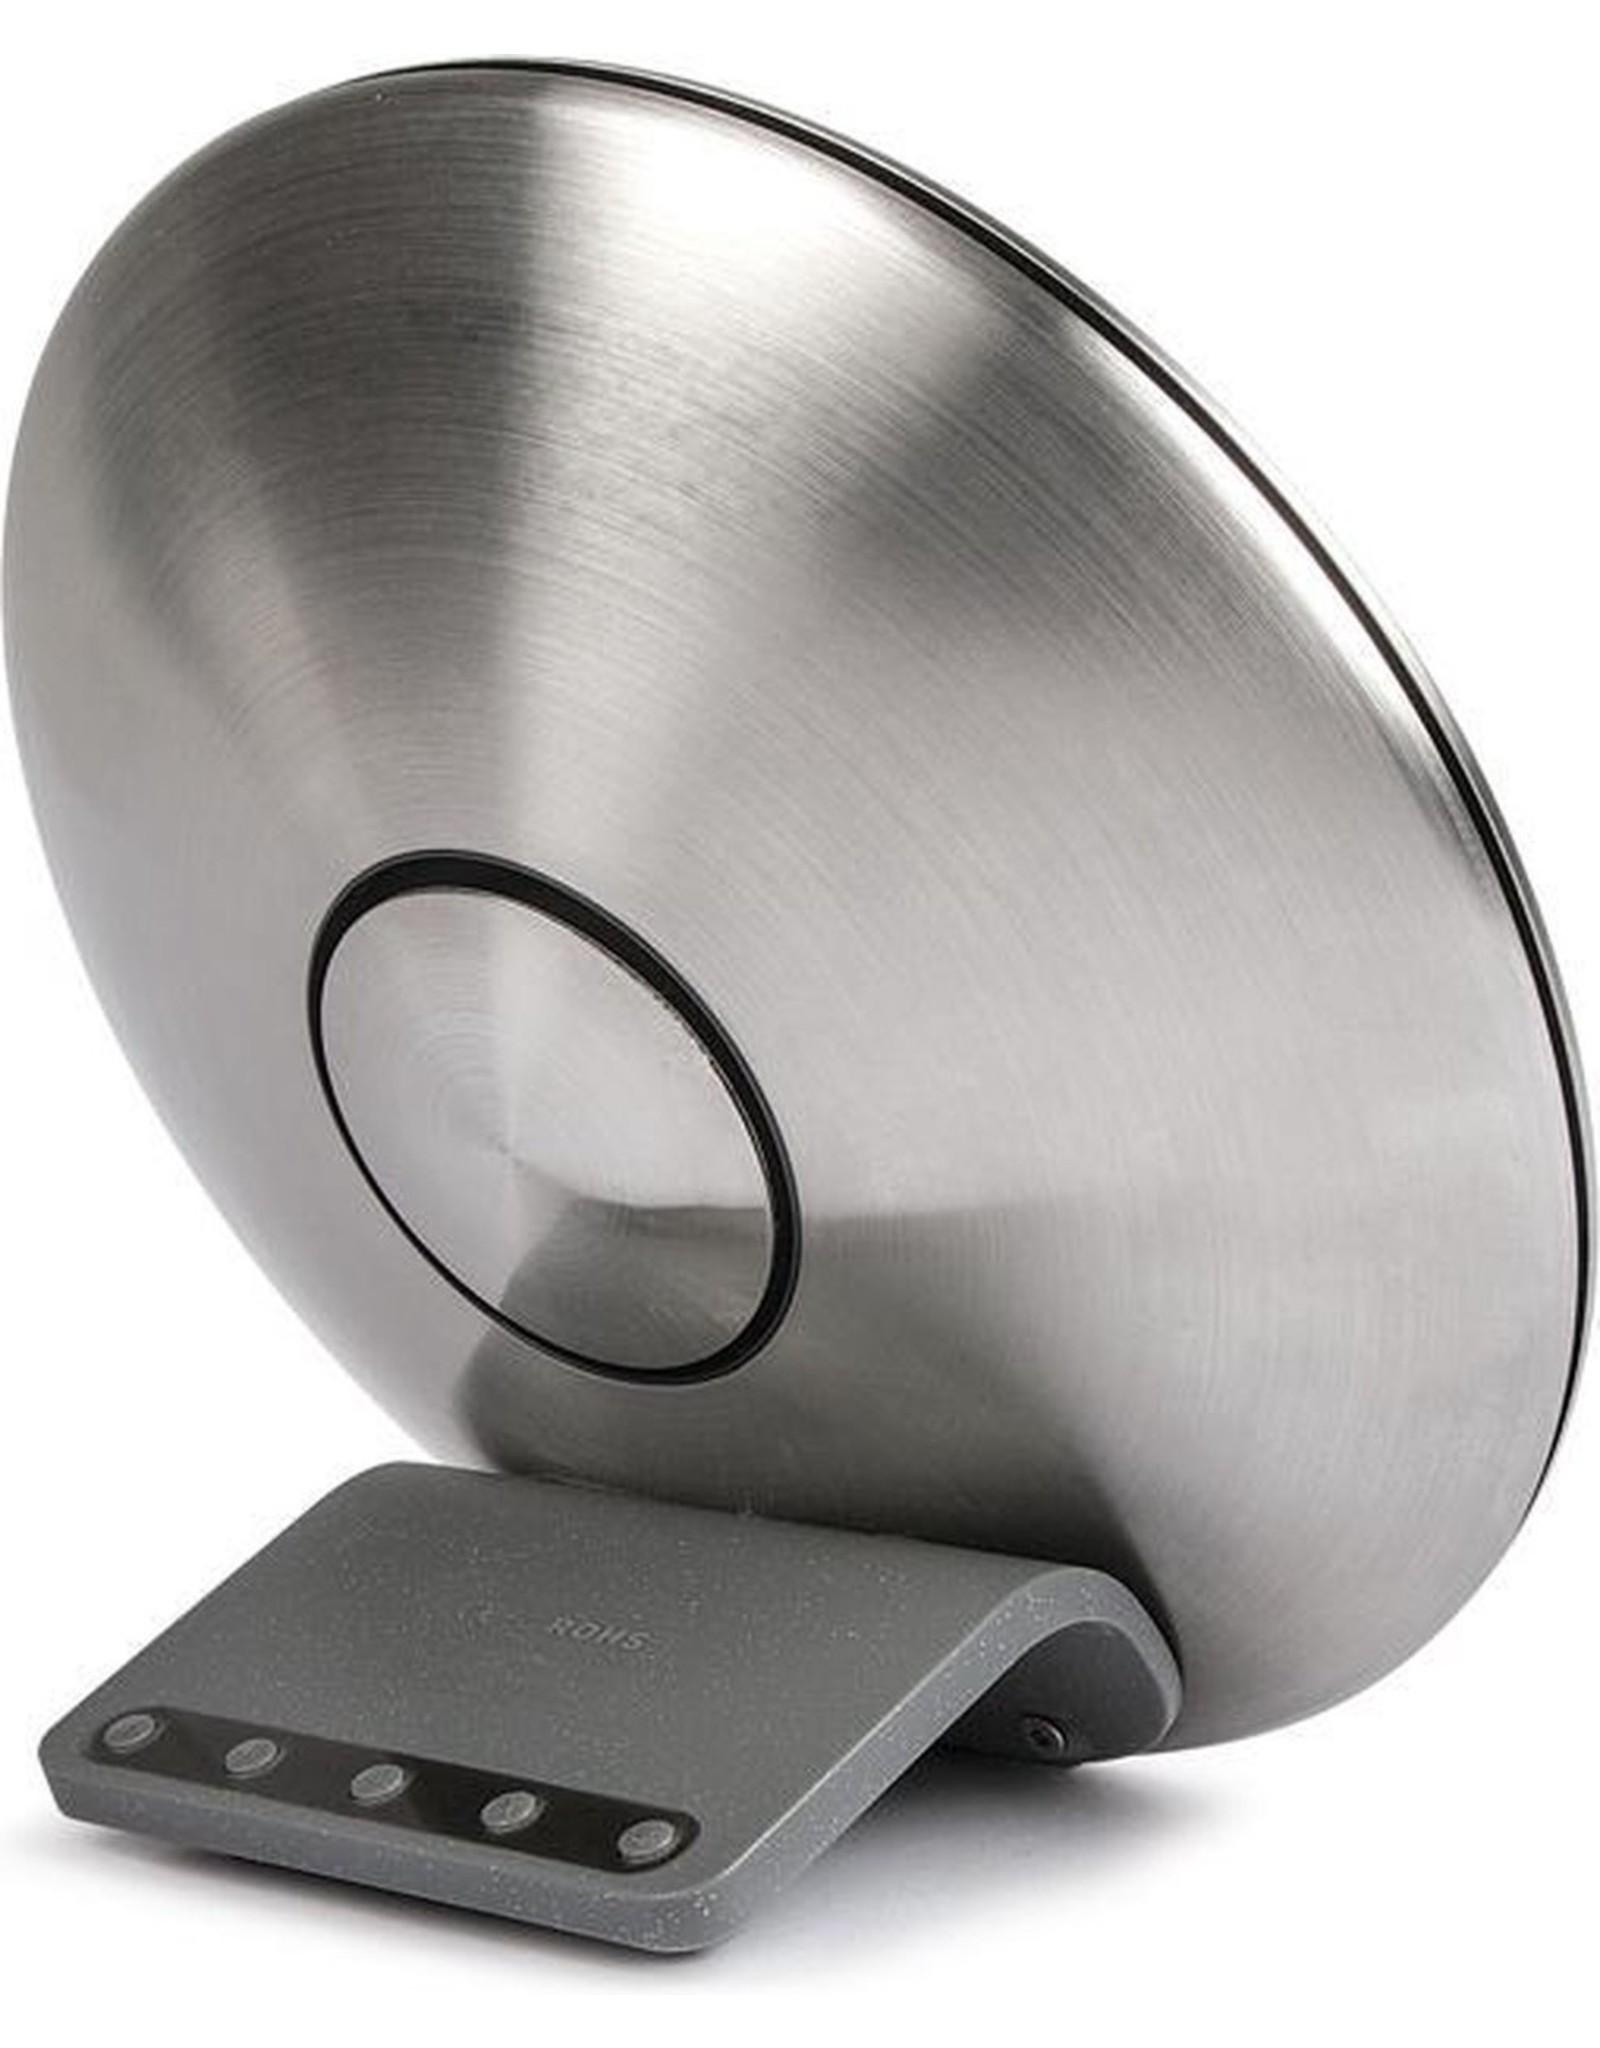 Veho Veho M8 speaker